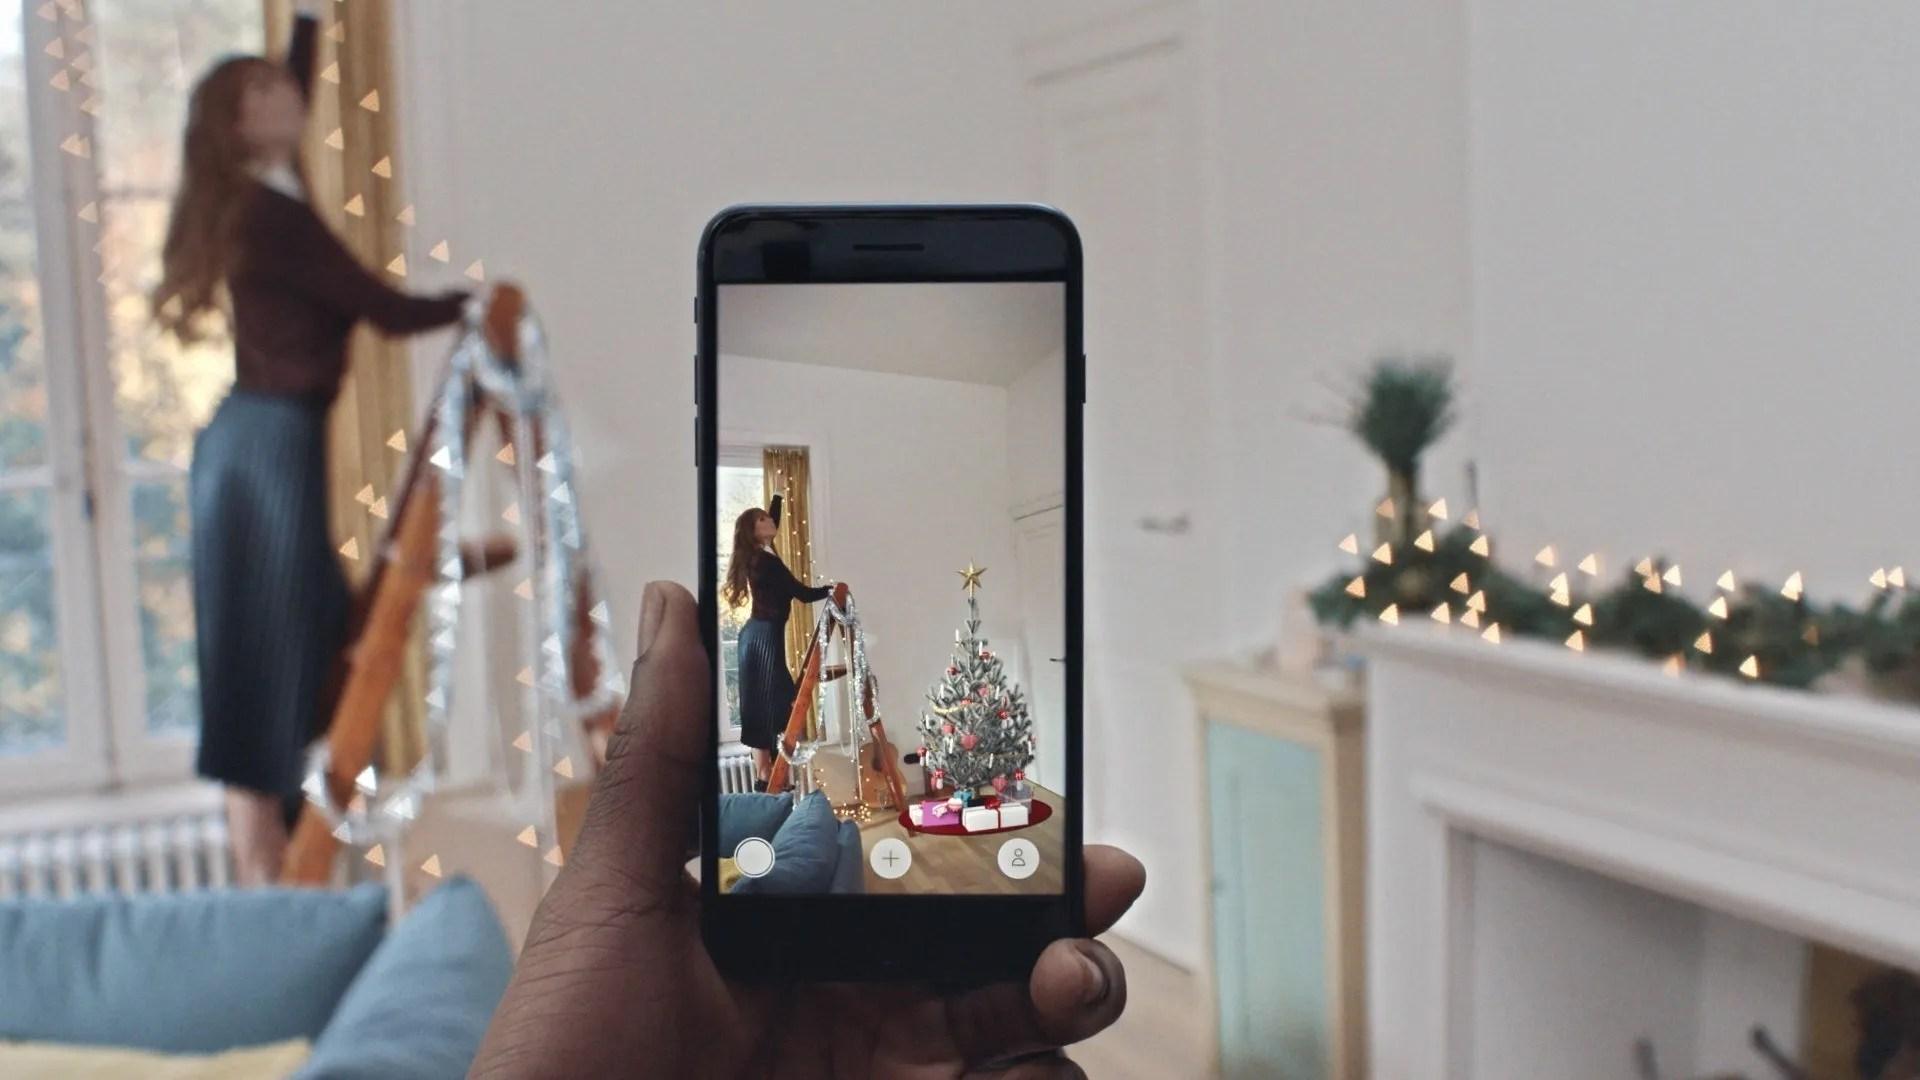 ar christmas tree app